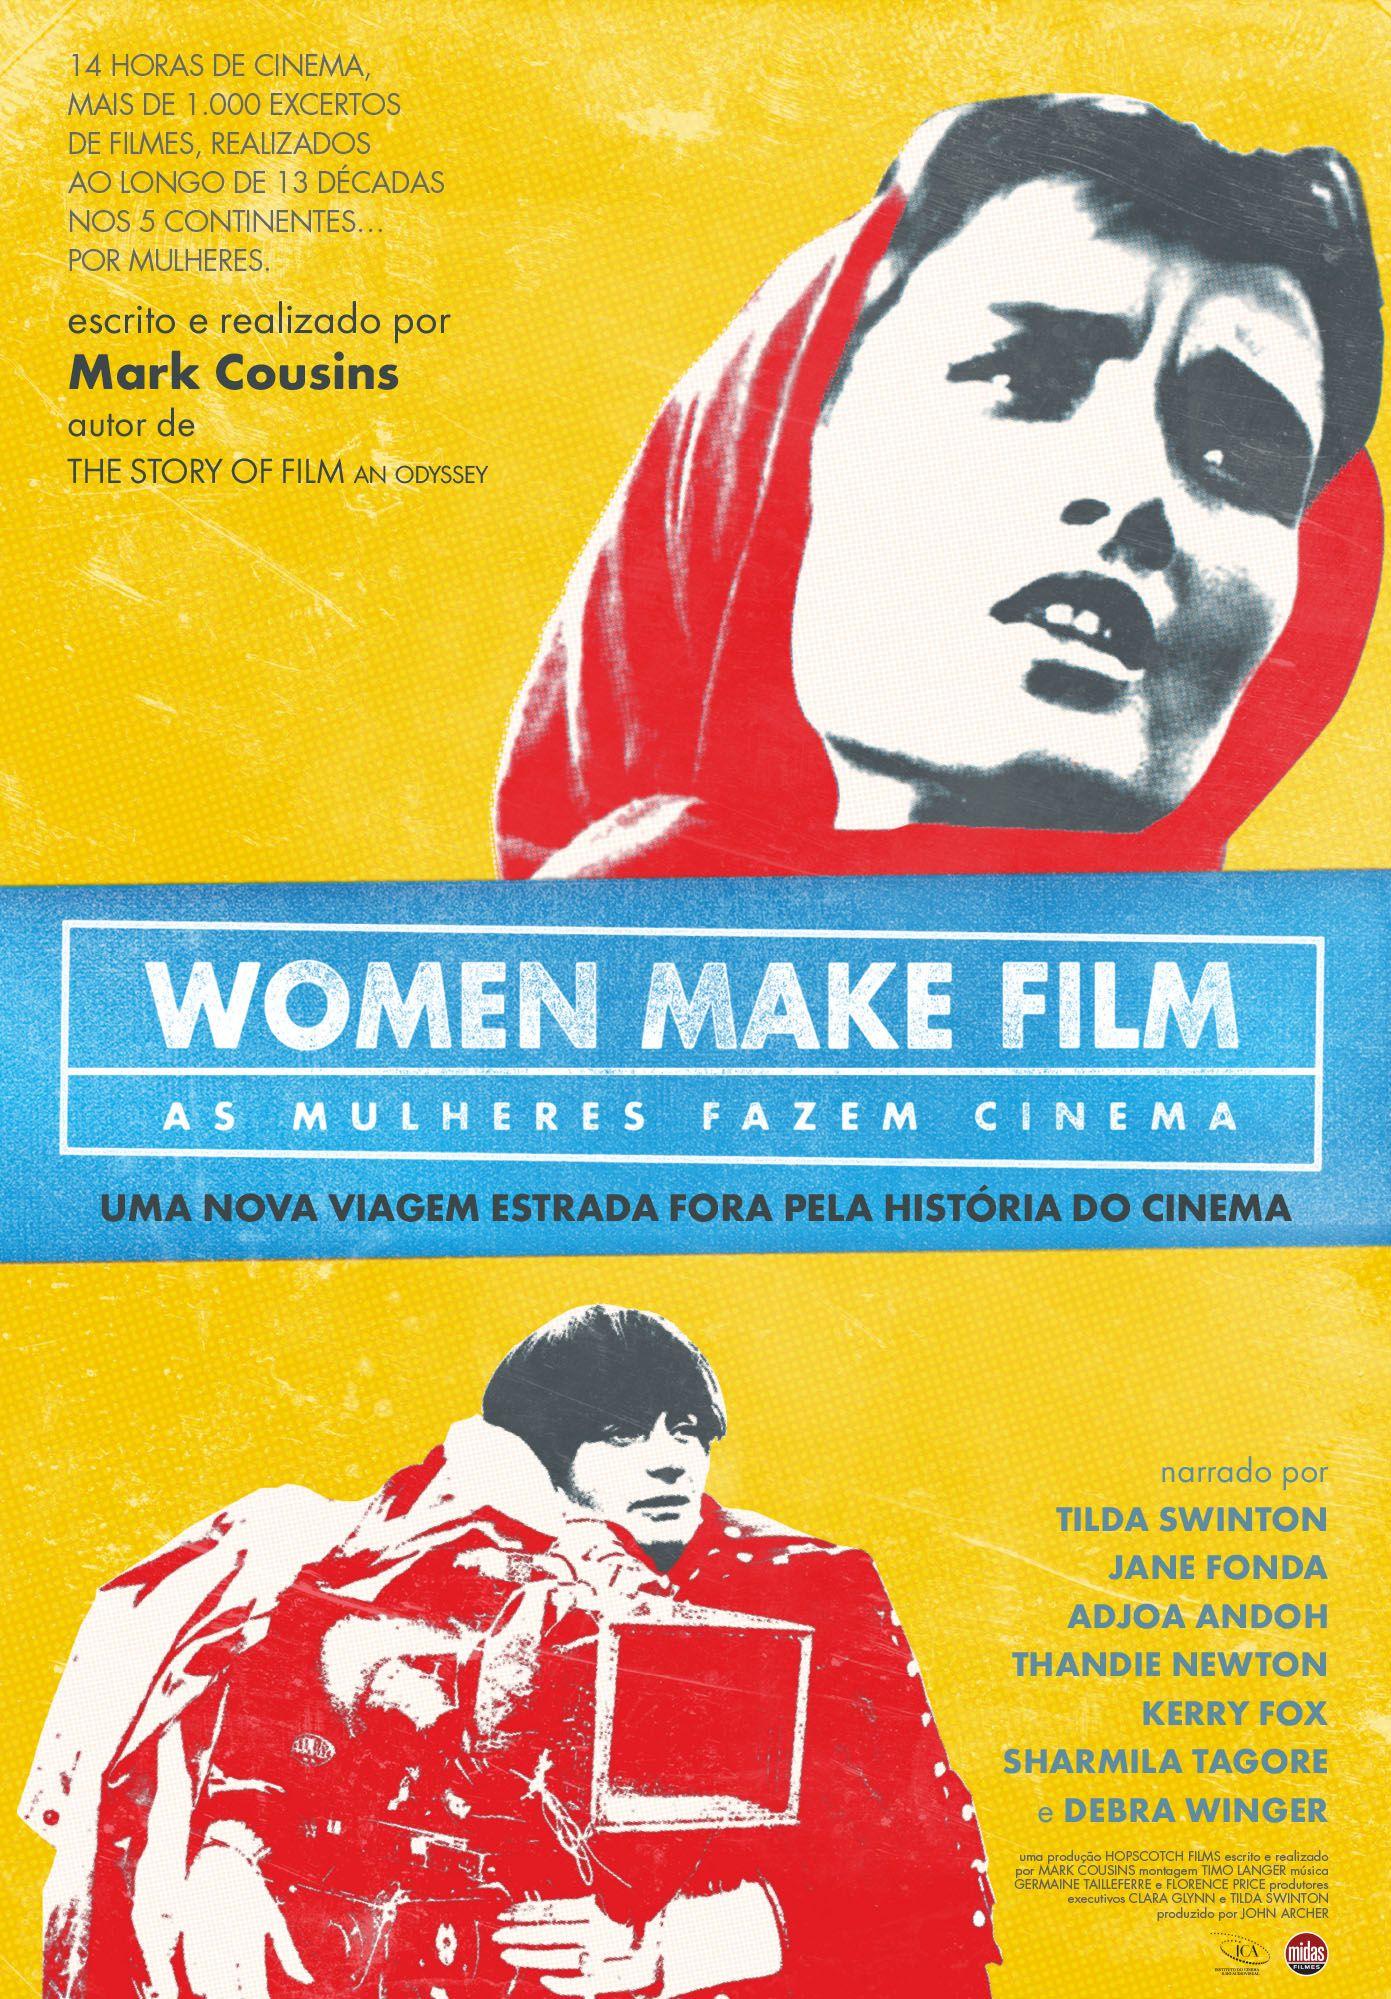 Woman Make Film